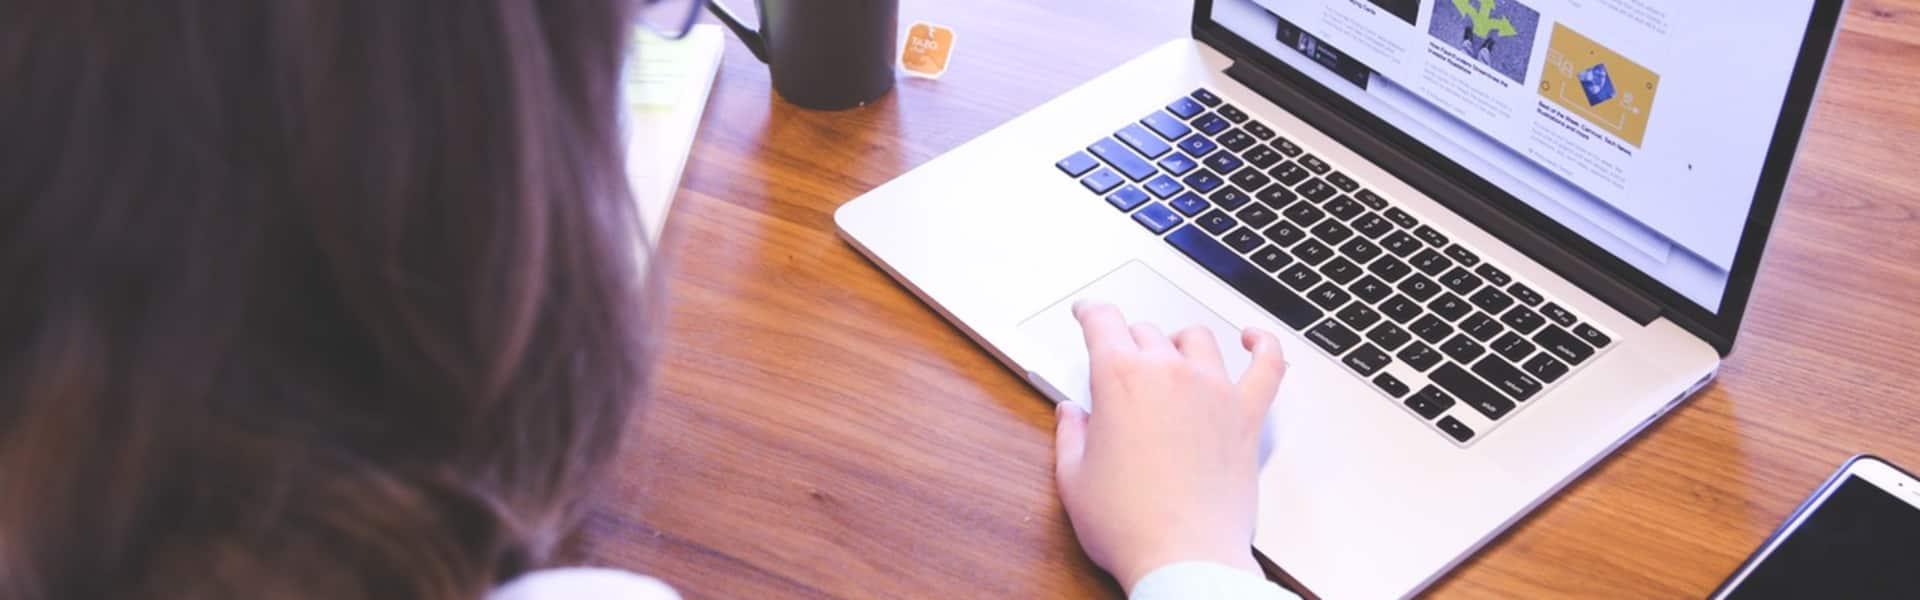 Pourquoi choisir d'externaliser son contenu web ?